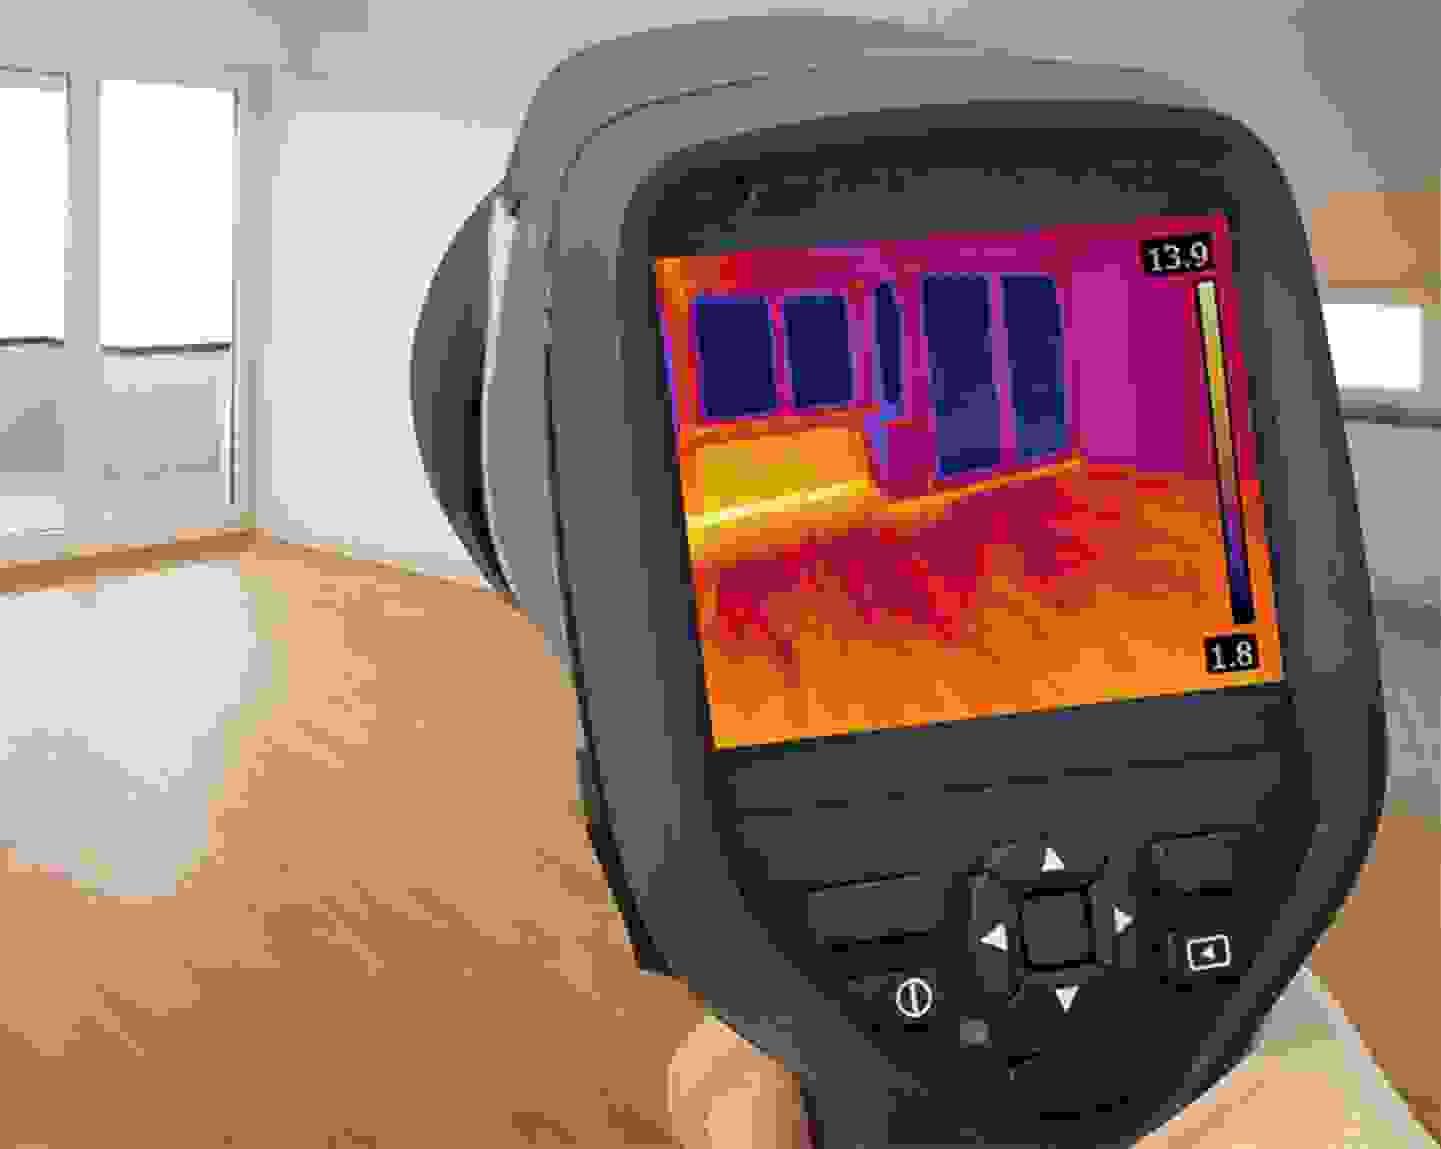 En savoir plus sur les pertes de chaleur dues aux ponts thermiques ►